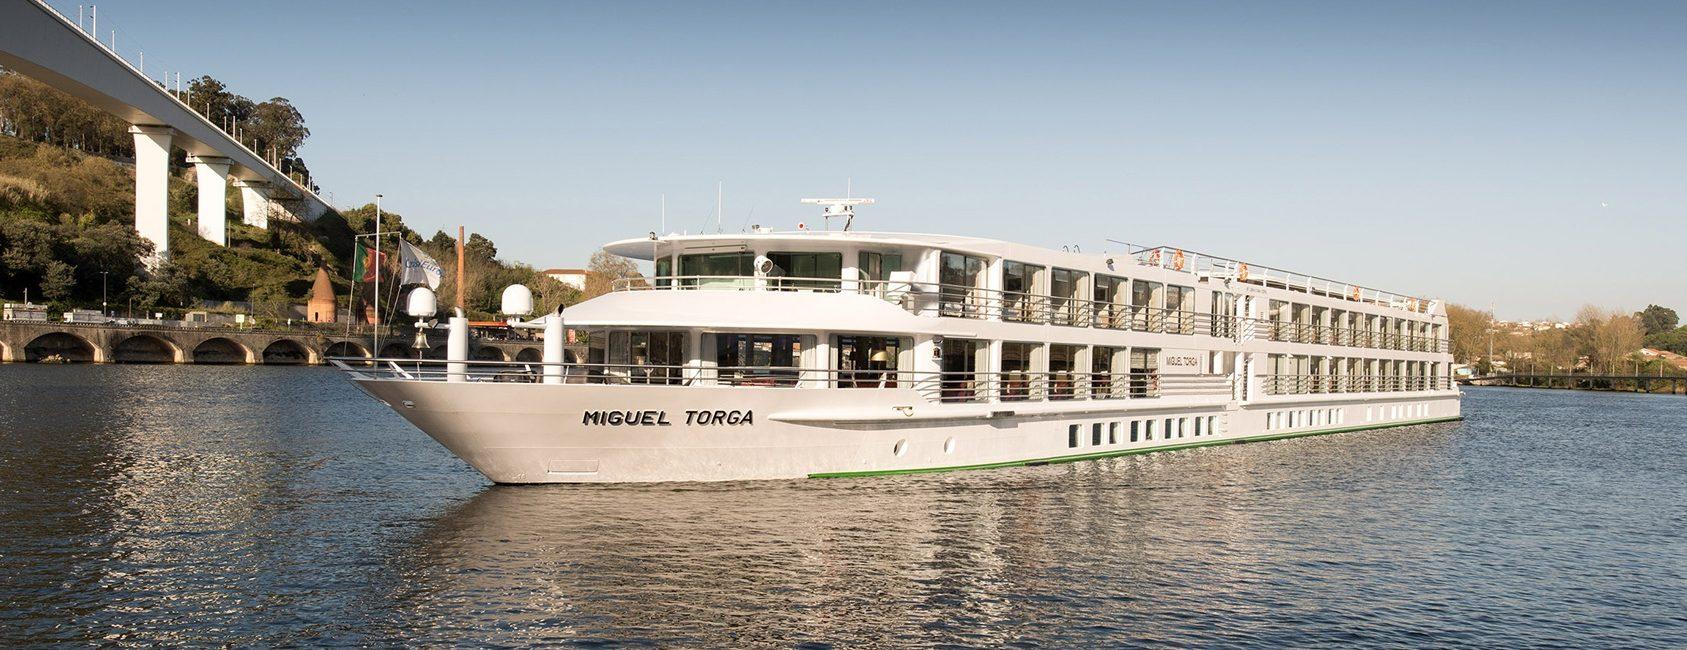 CroisiEurope MS Miguel Torga - Exterior